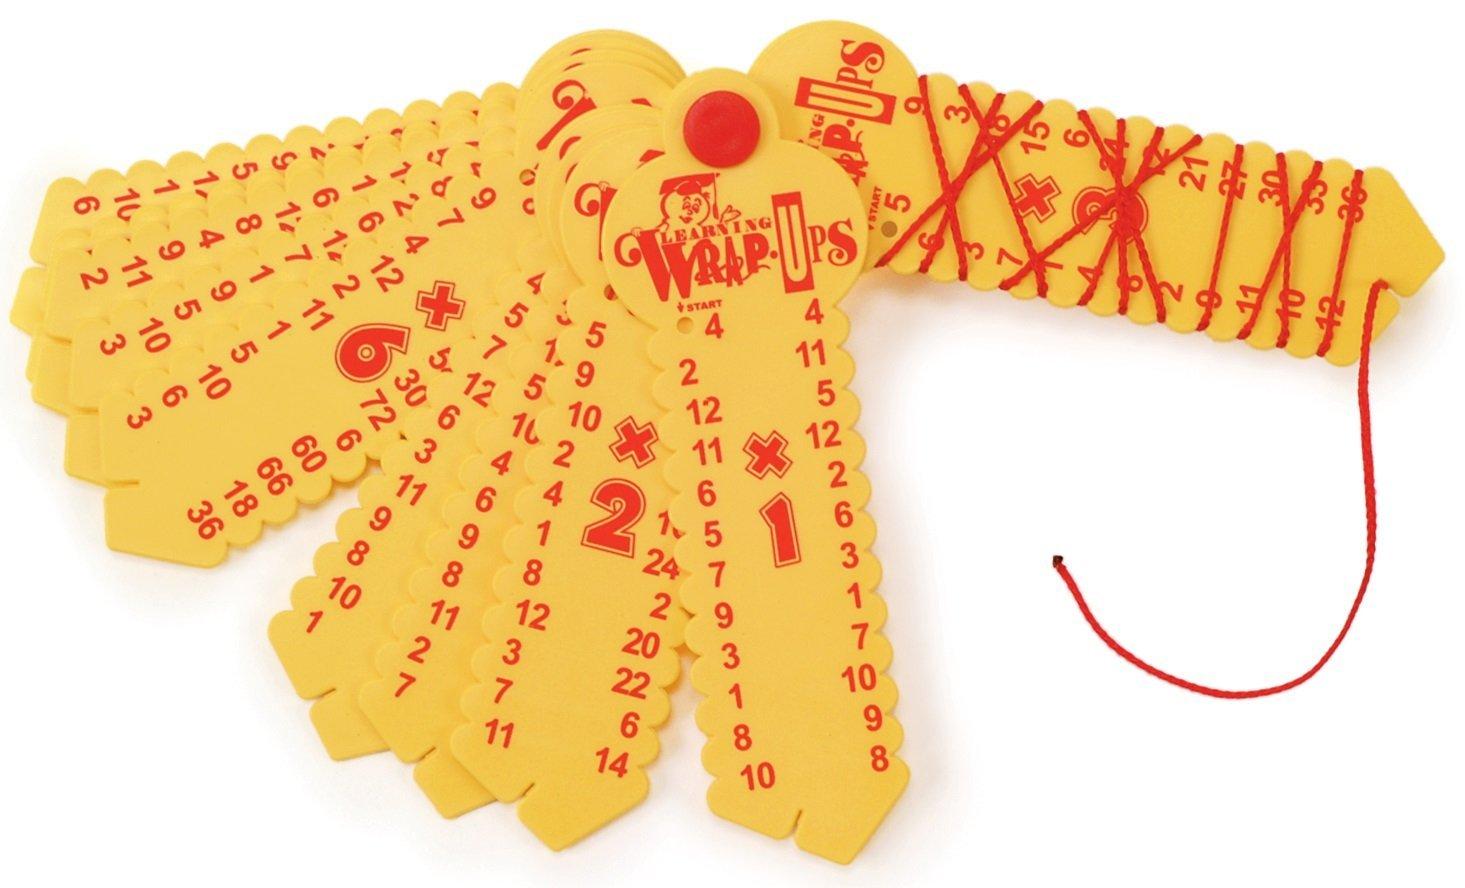 Multiplication wrap ups for homeschool math curriculum